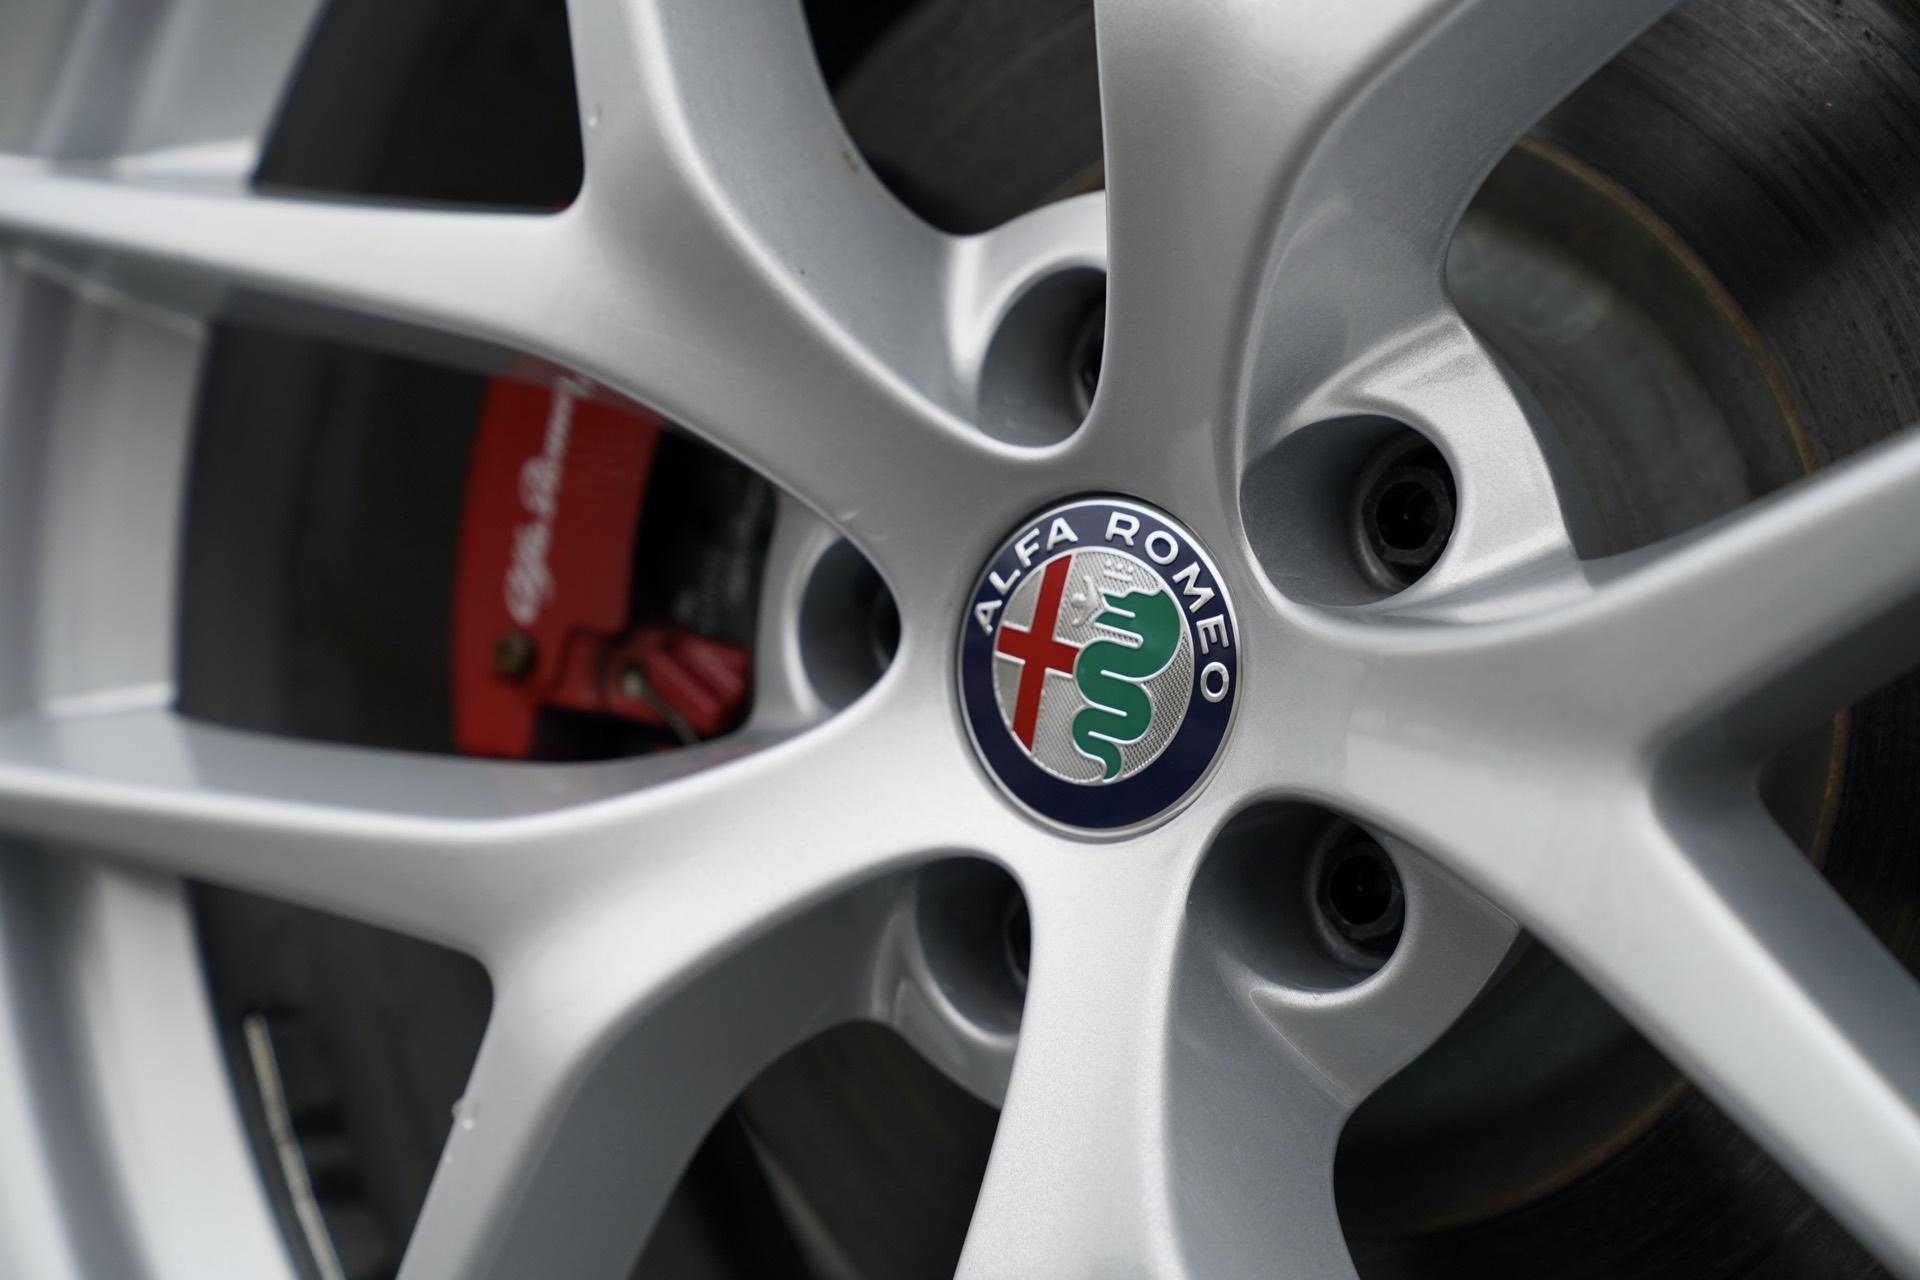 ALFA ROMEO STELVIO 2.0 TURBO SUPER 280PK Q4